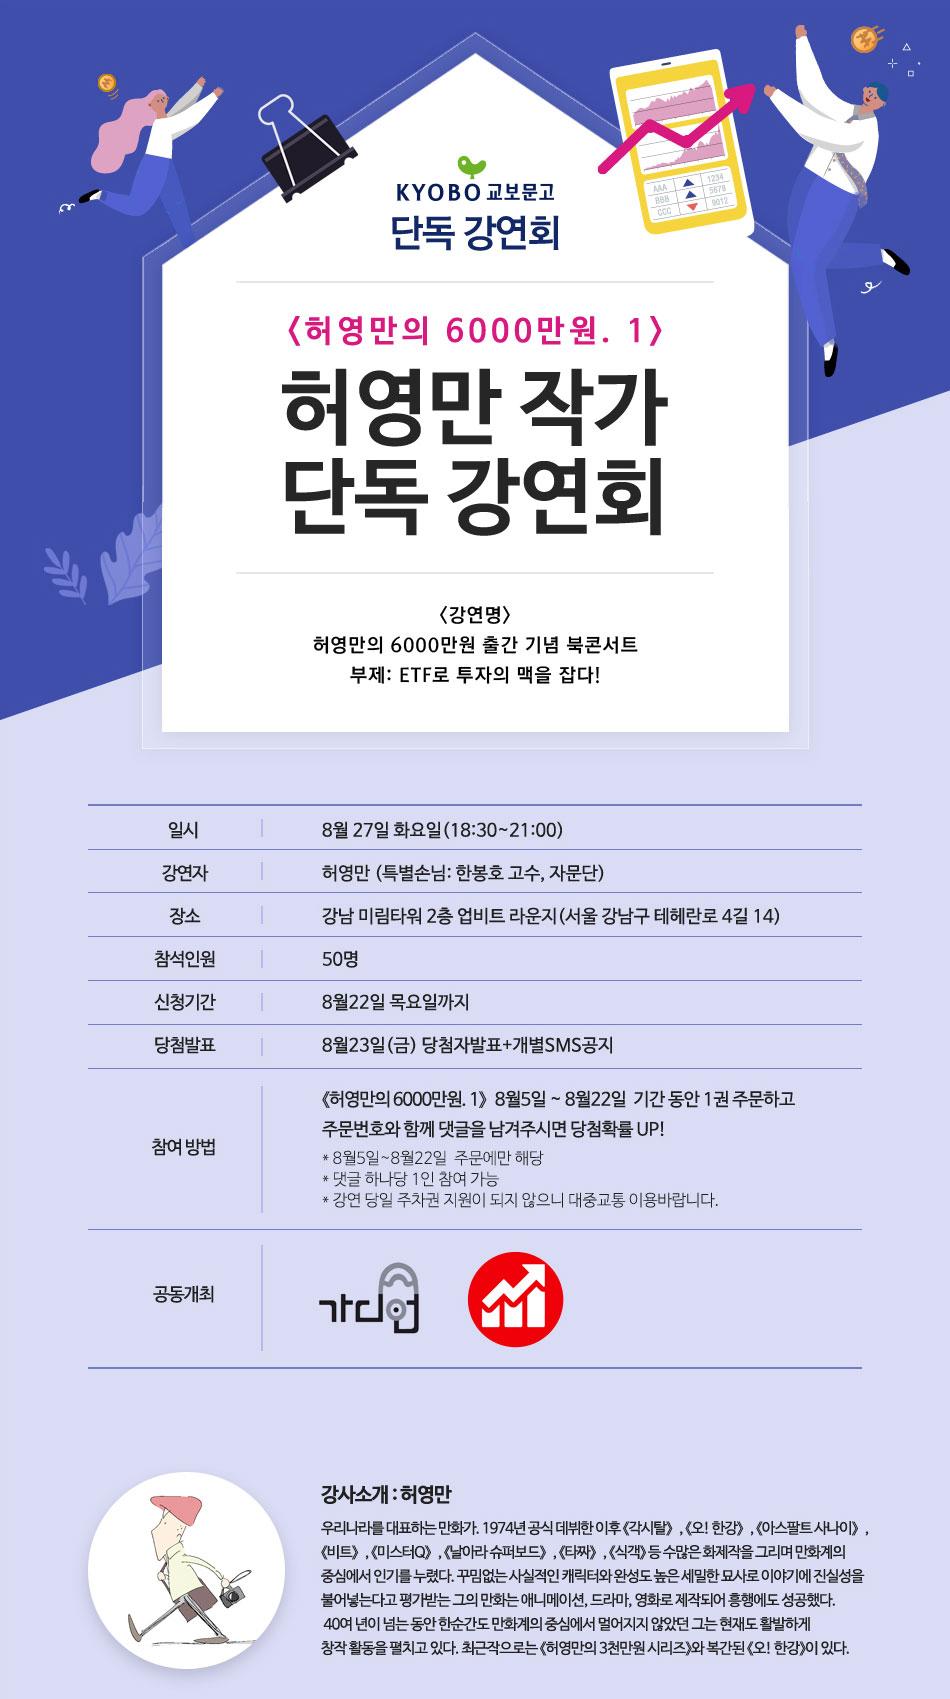 허영만 작가 교보문고 단독강연회